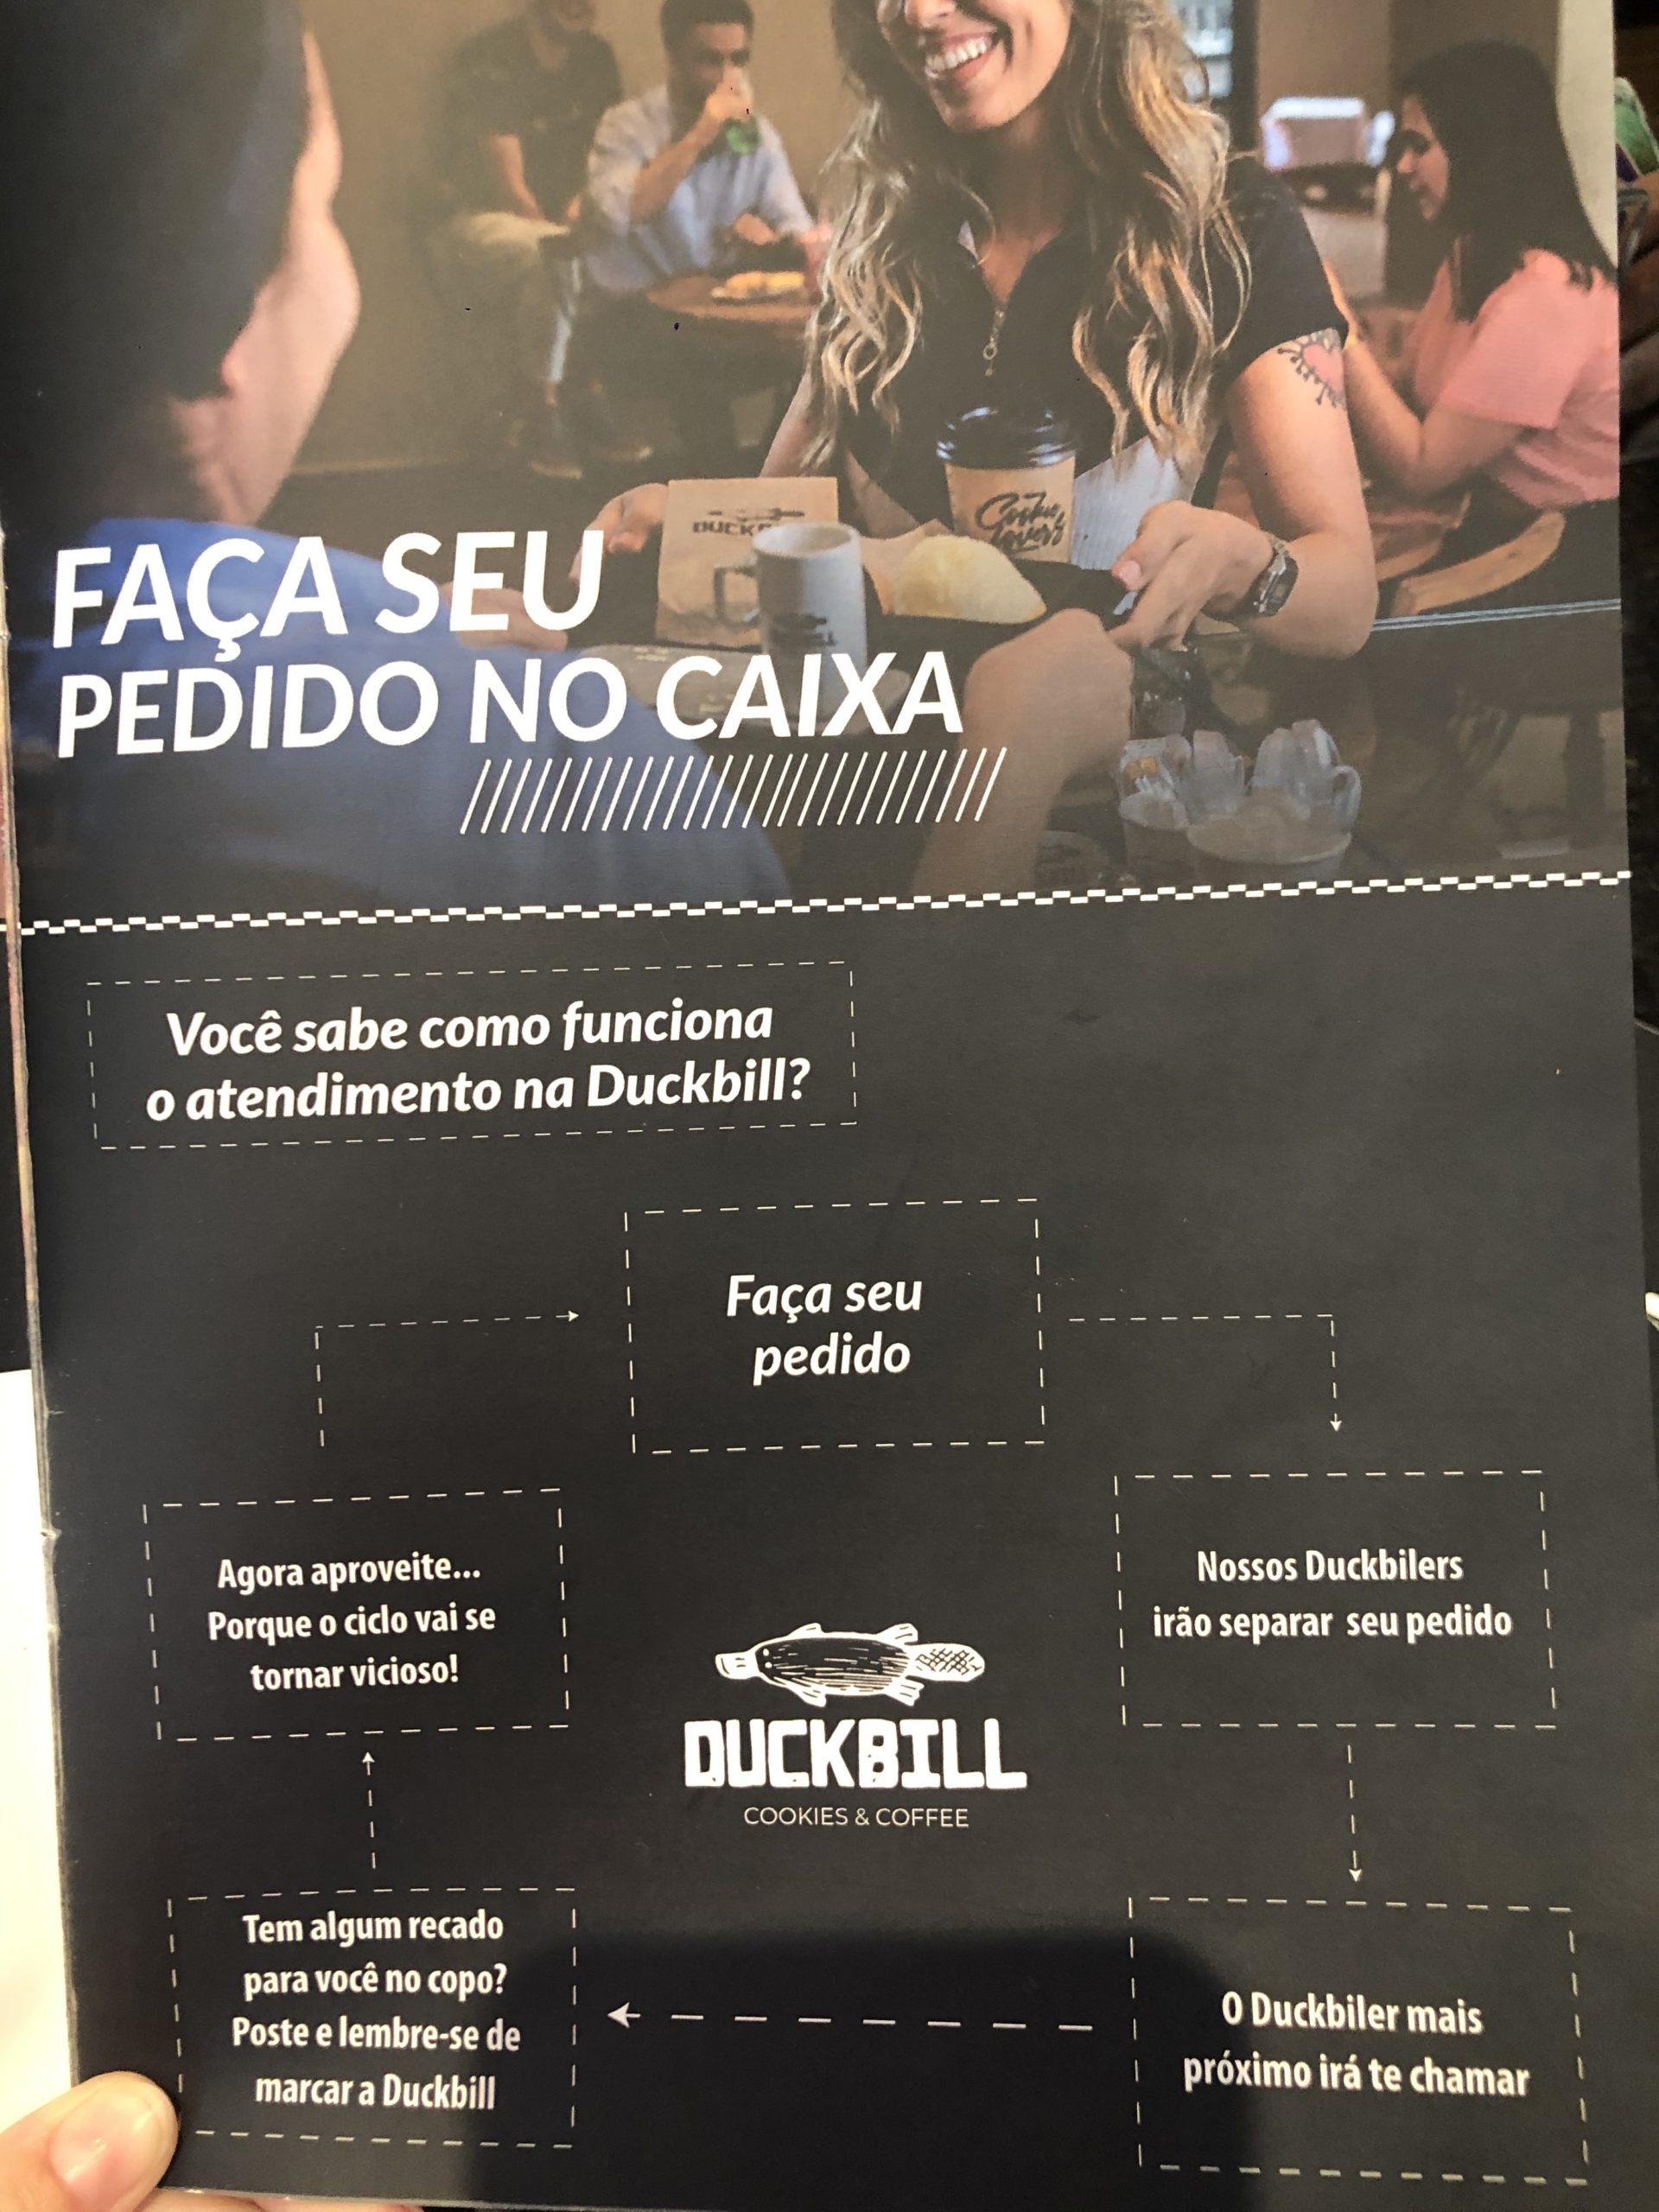 duckbill 2